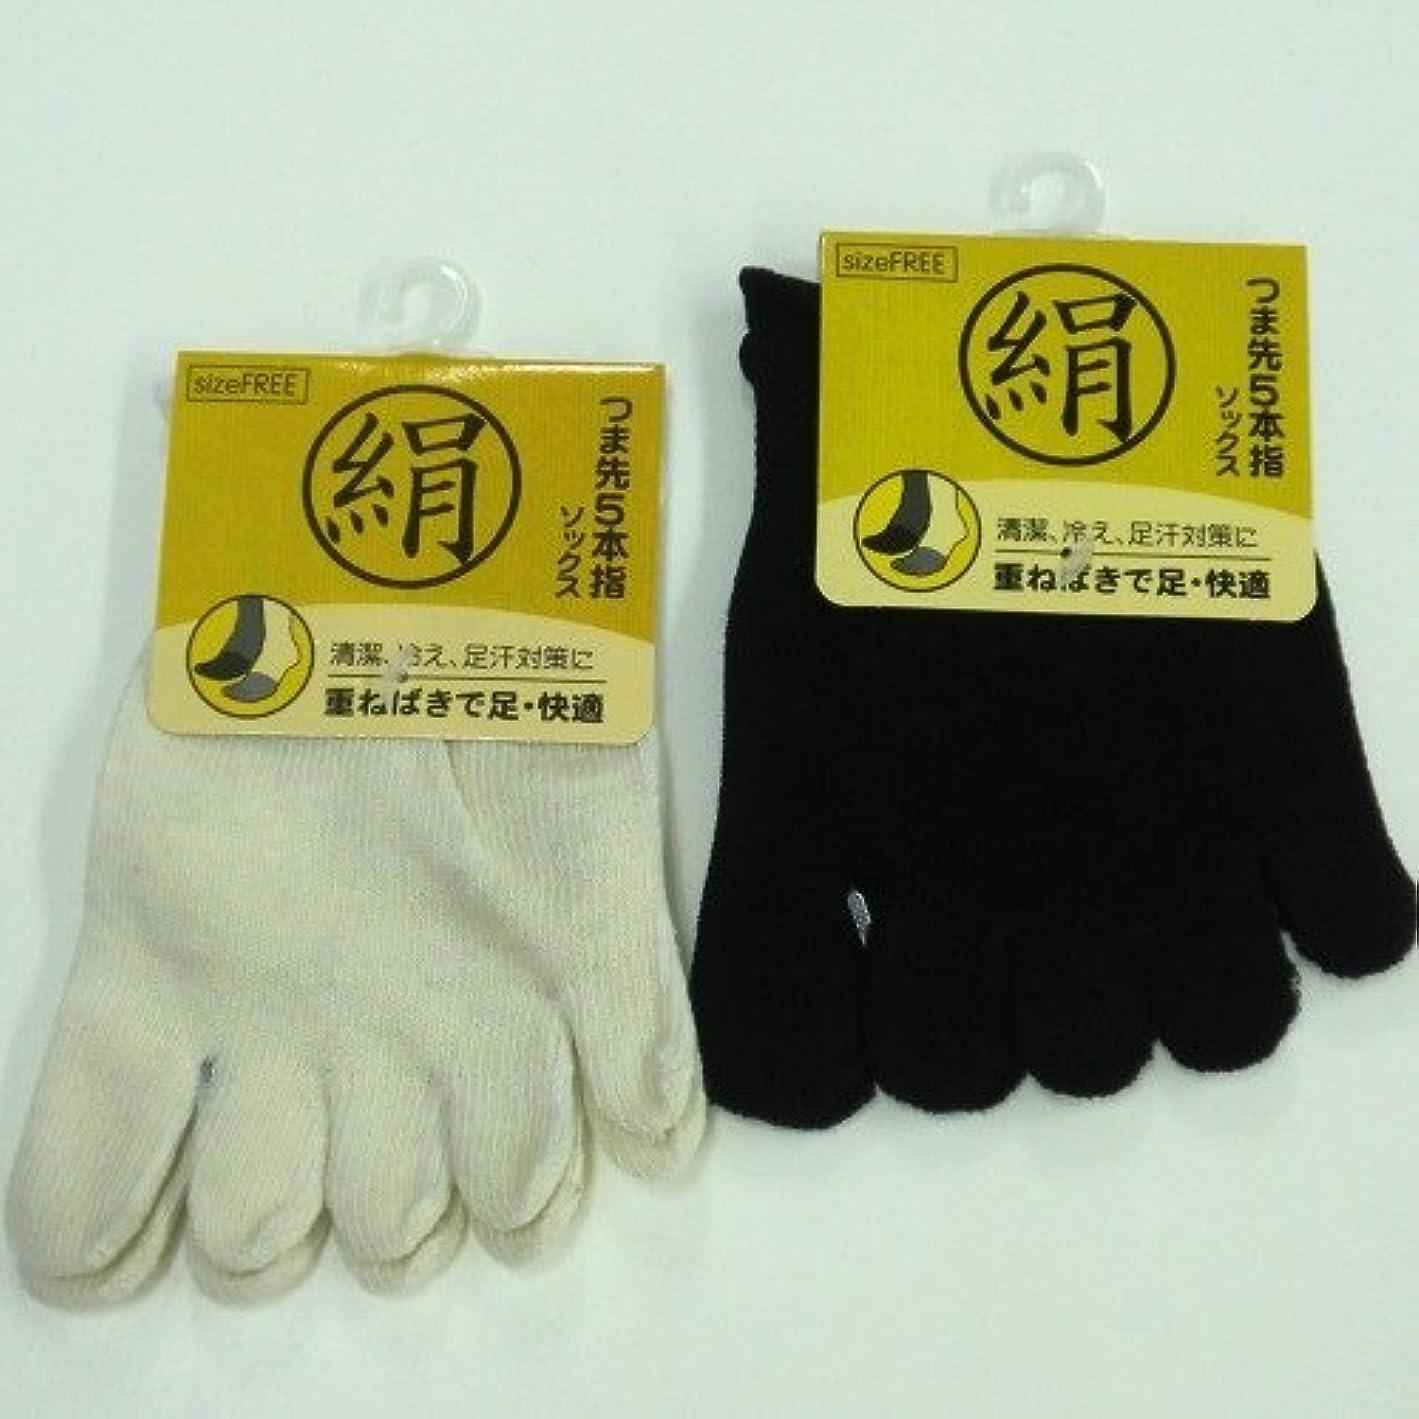 紫のコットン不毛のシルク 5本指ハーフソックス 足指カバー 天然素材絹で抗菌防臭 3足組 (色はお任せ)